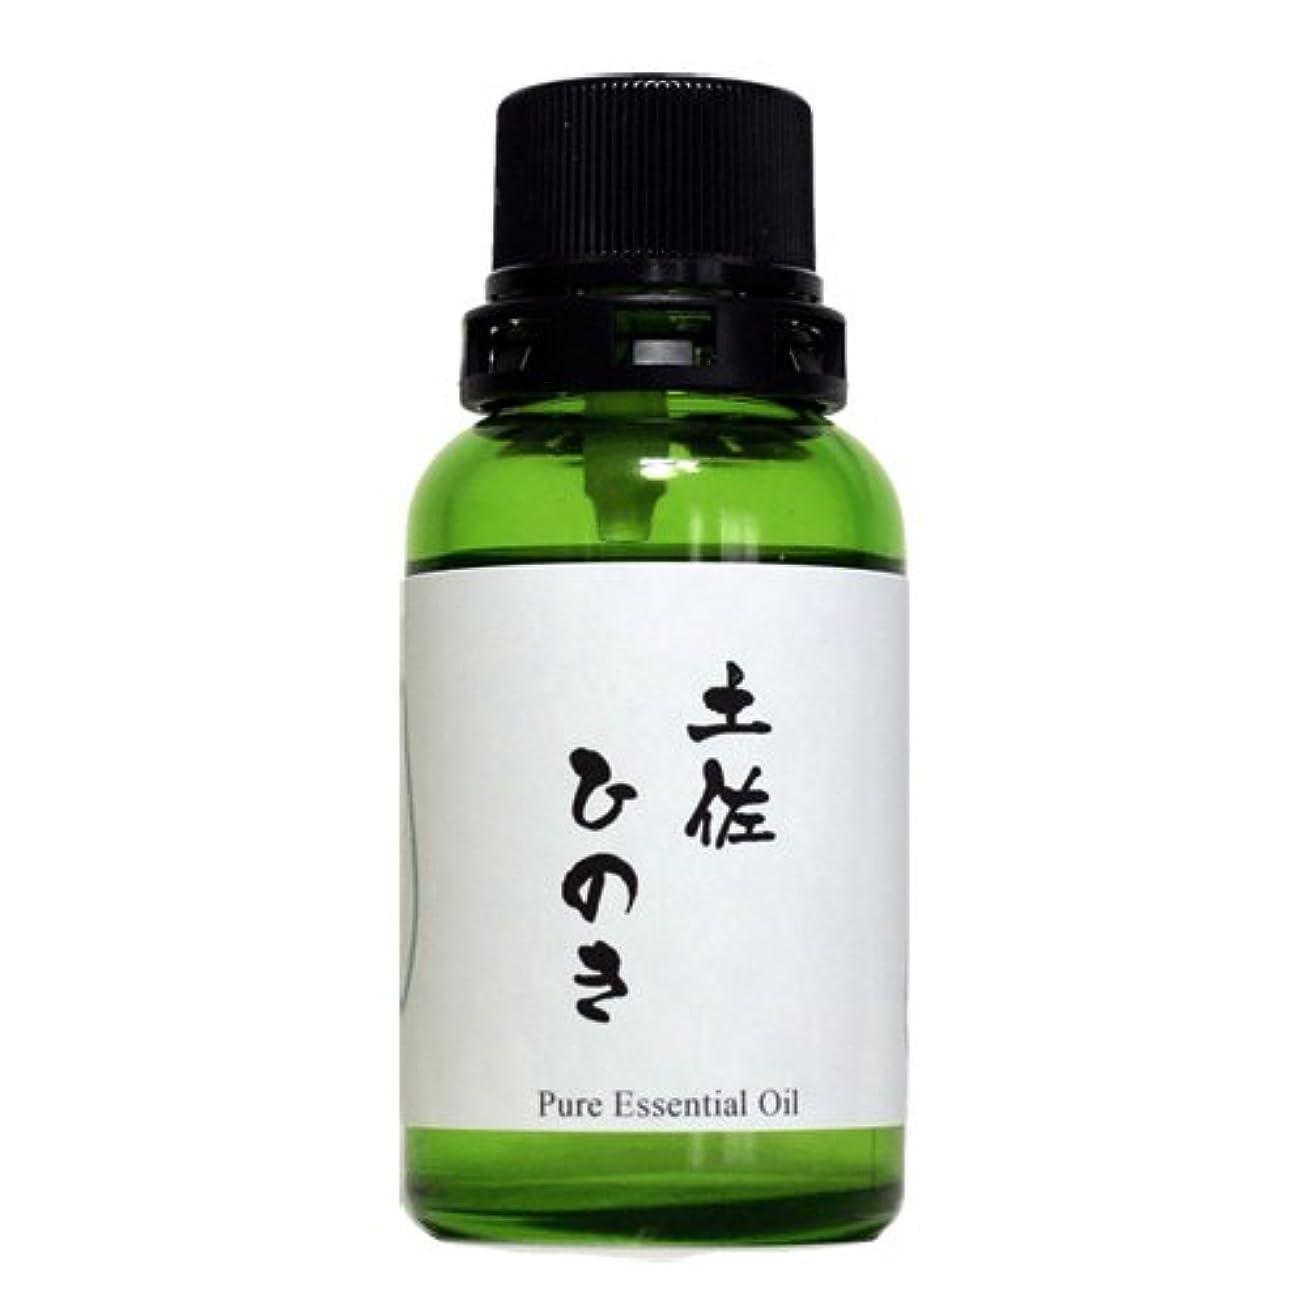 和精油 土佐ひのき(高知県産) エッセンシャルオイル 30ml